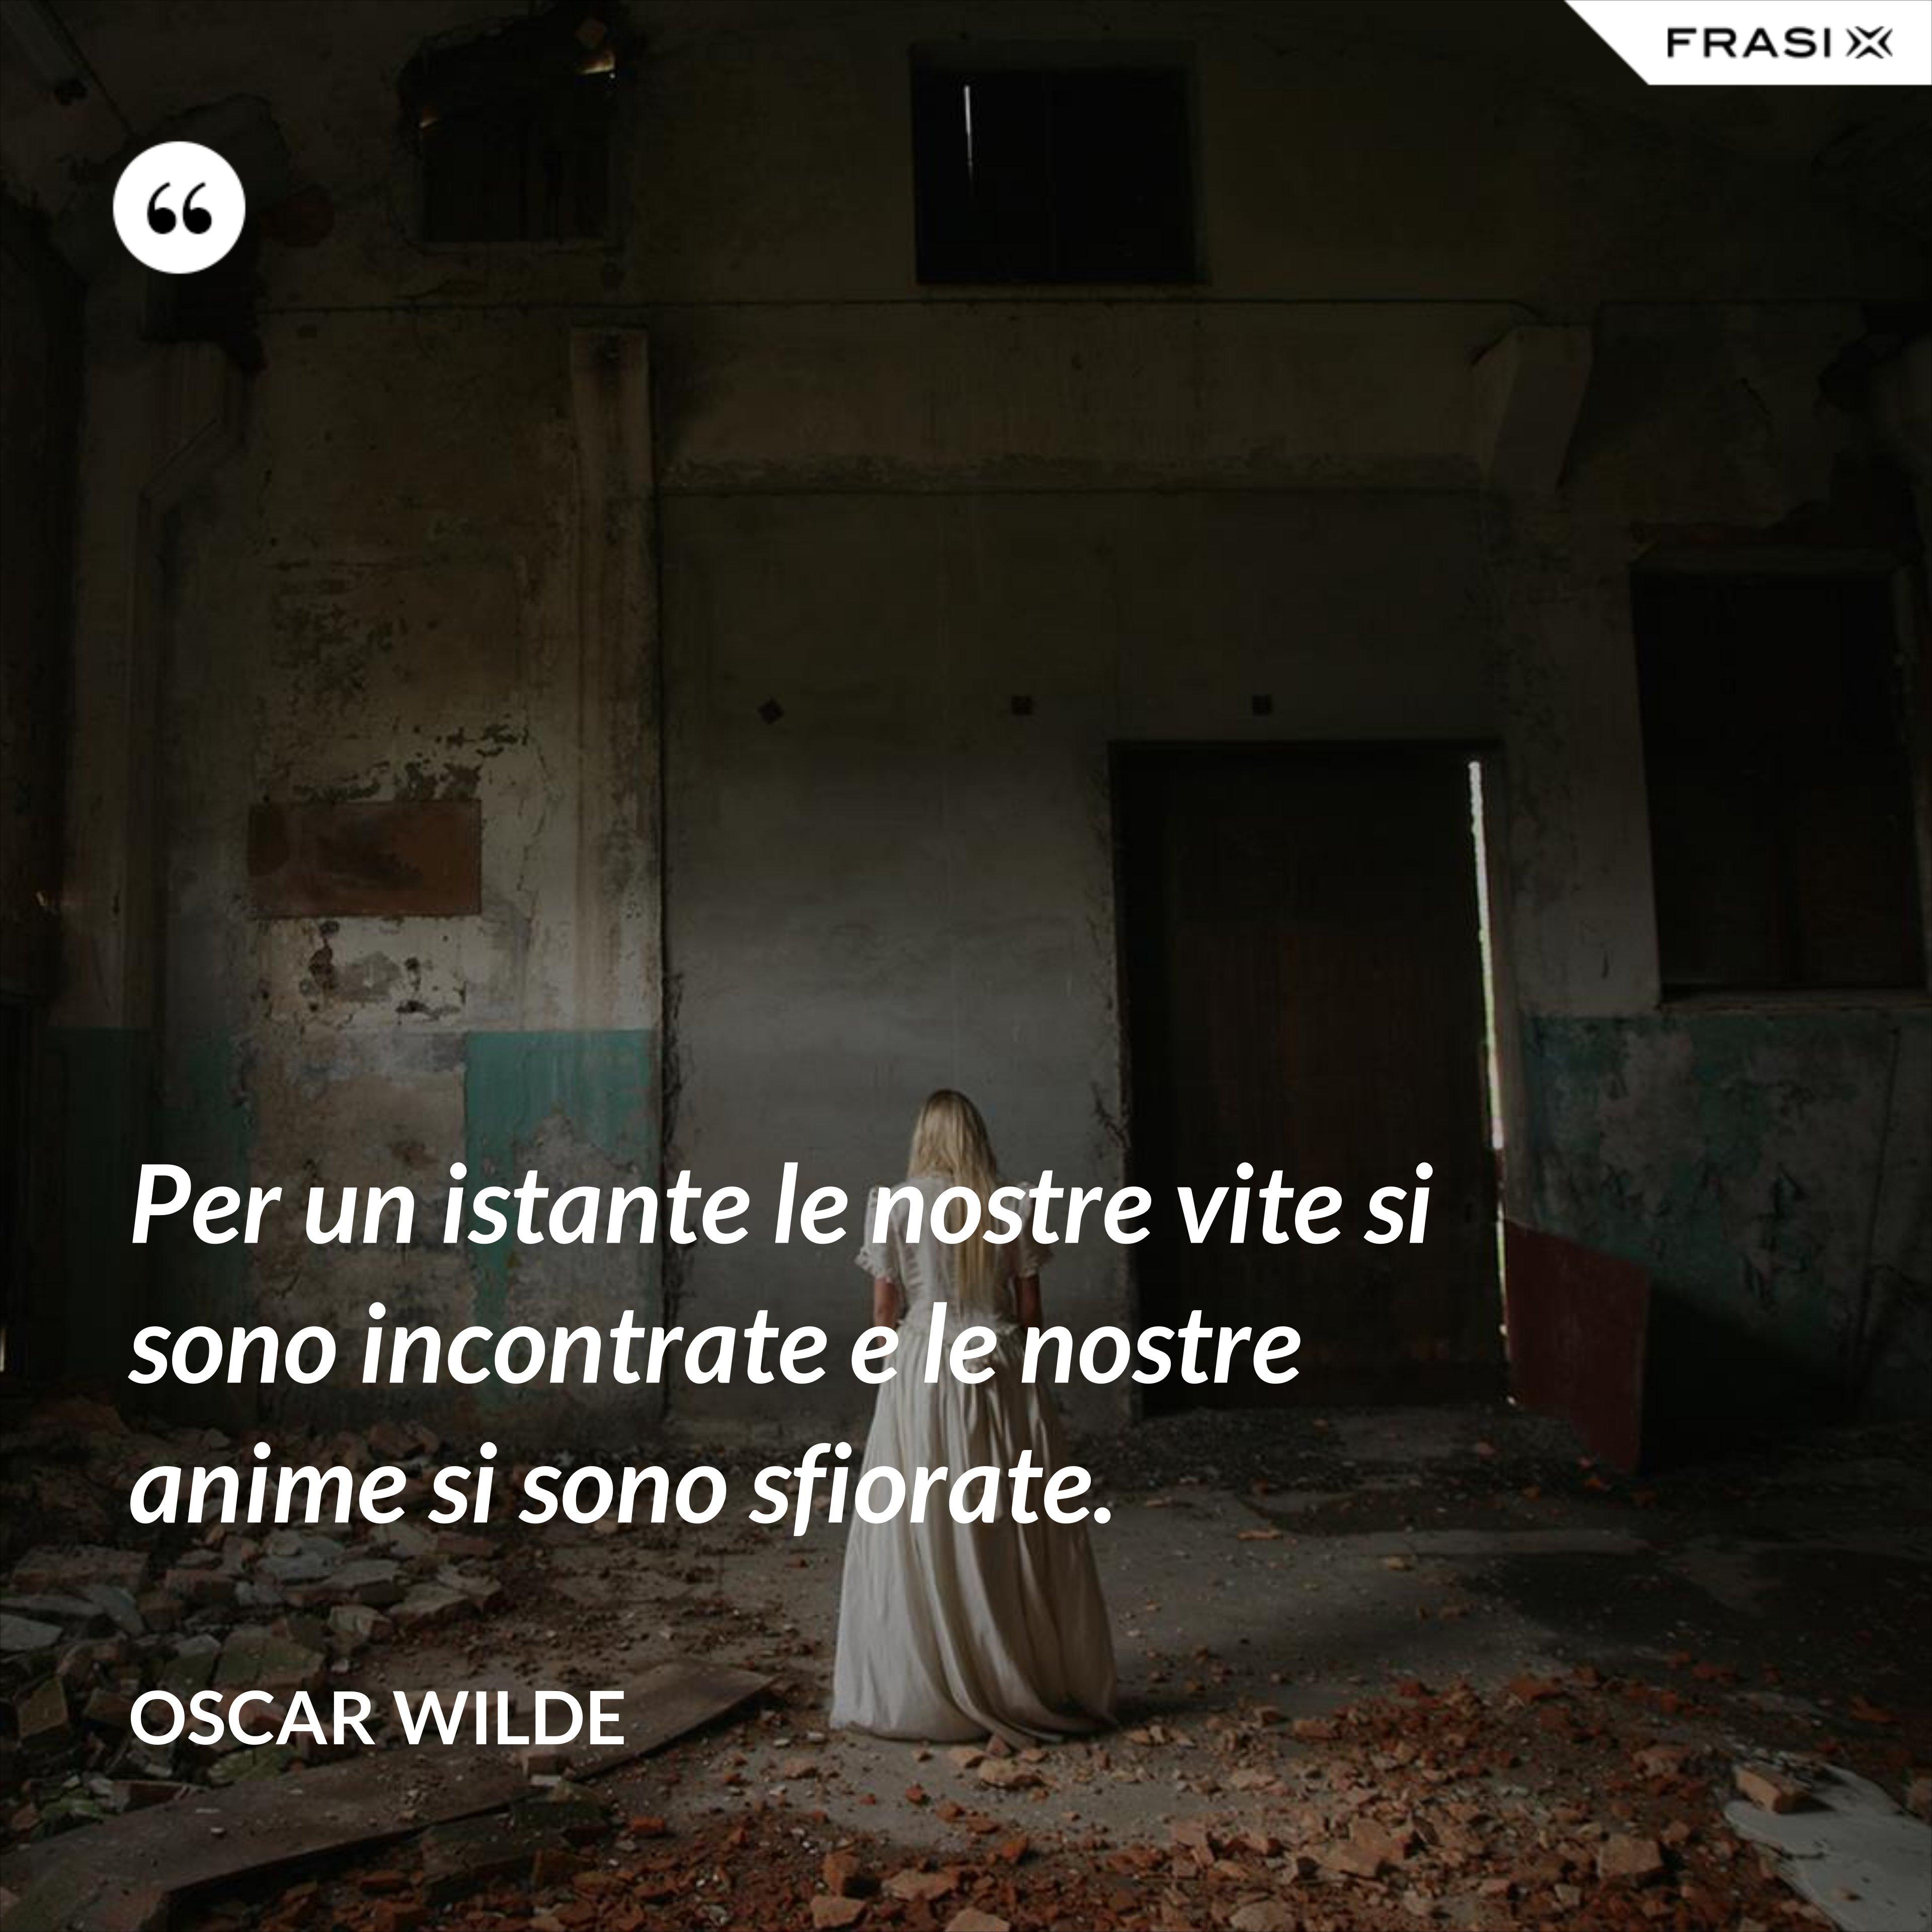 Per un istante le nostre vite si sono incontrate e le nostre anime si sono sfiorate. - Oscar Wilde